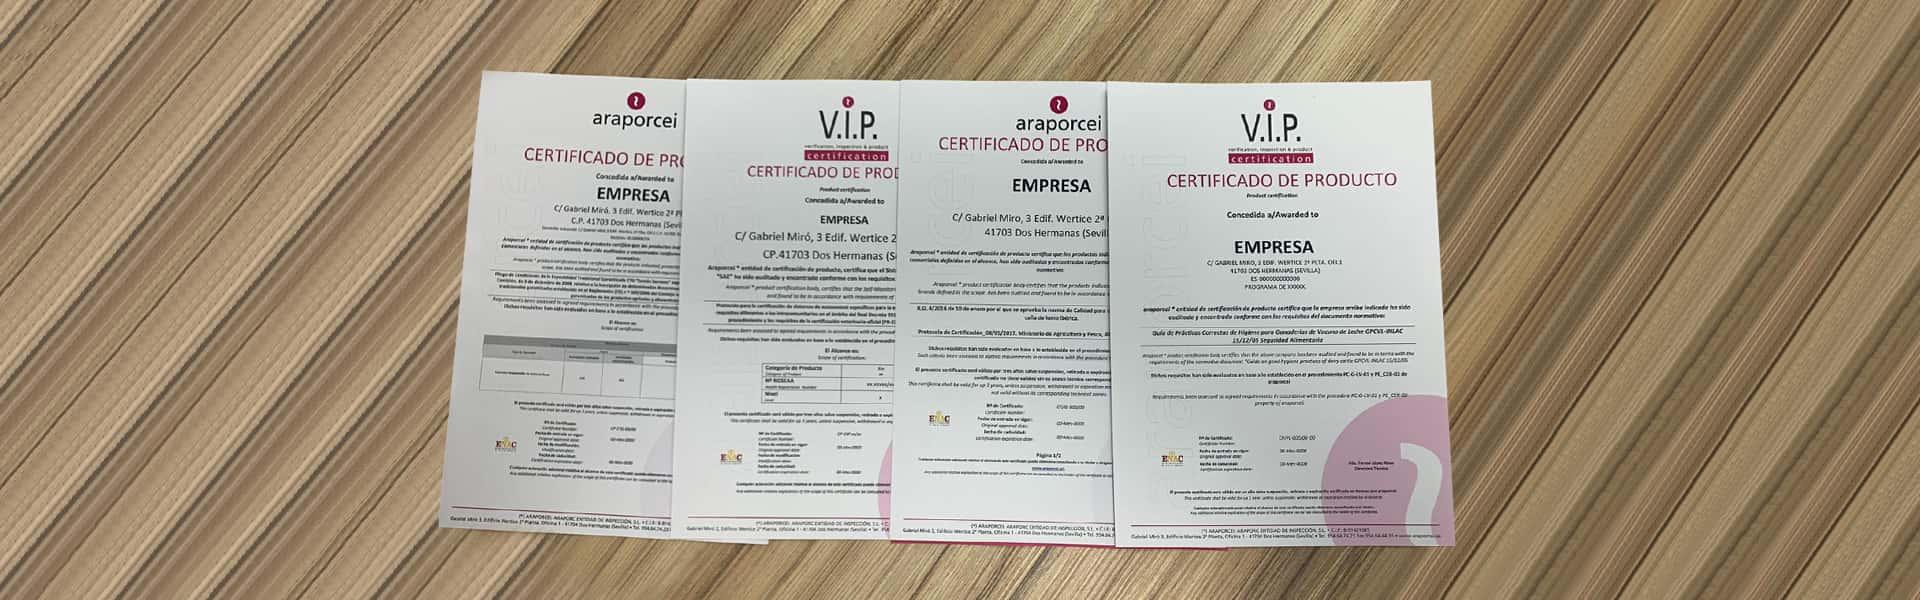 slide-internas-araporcei-certificado